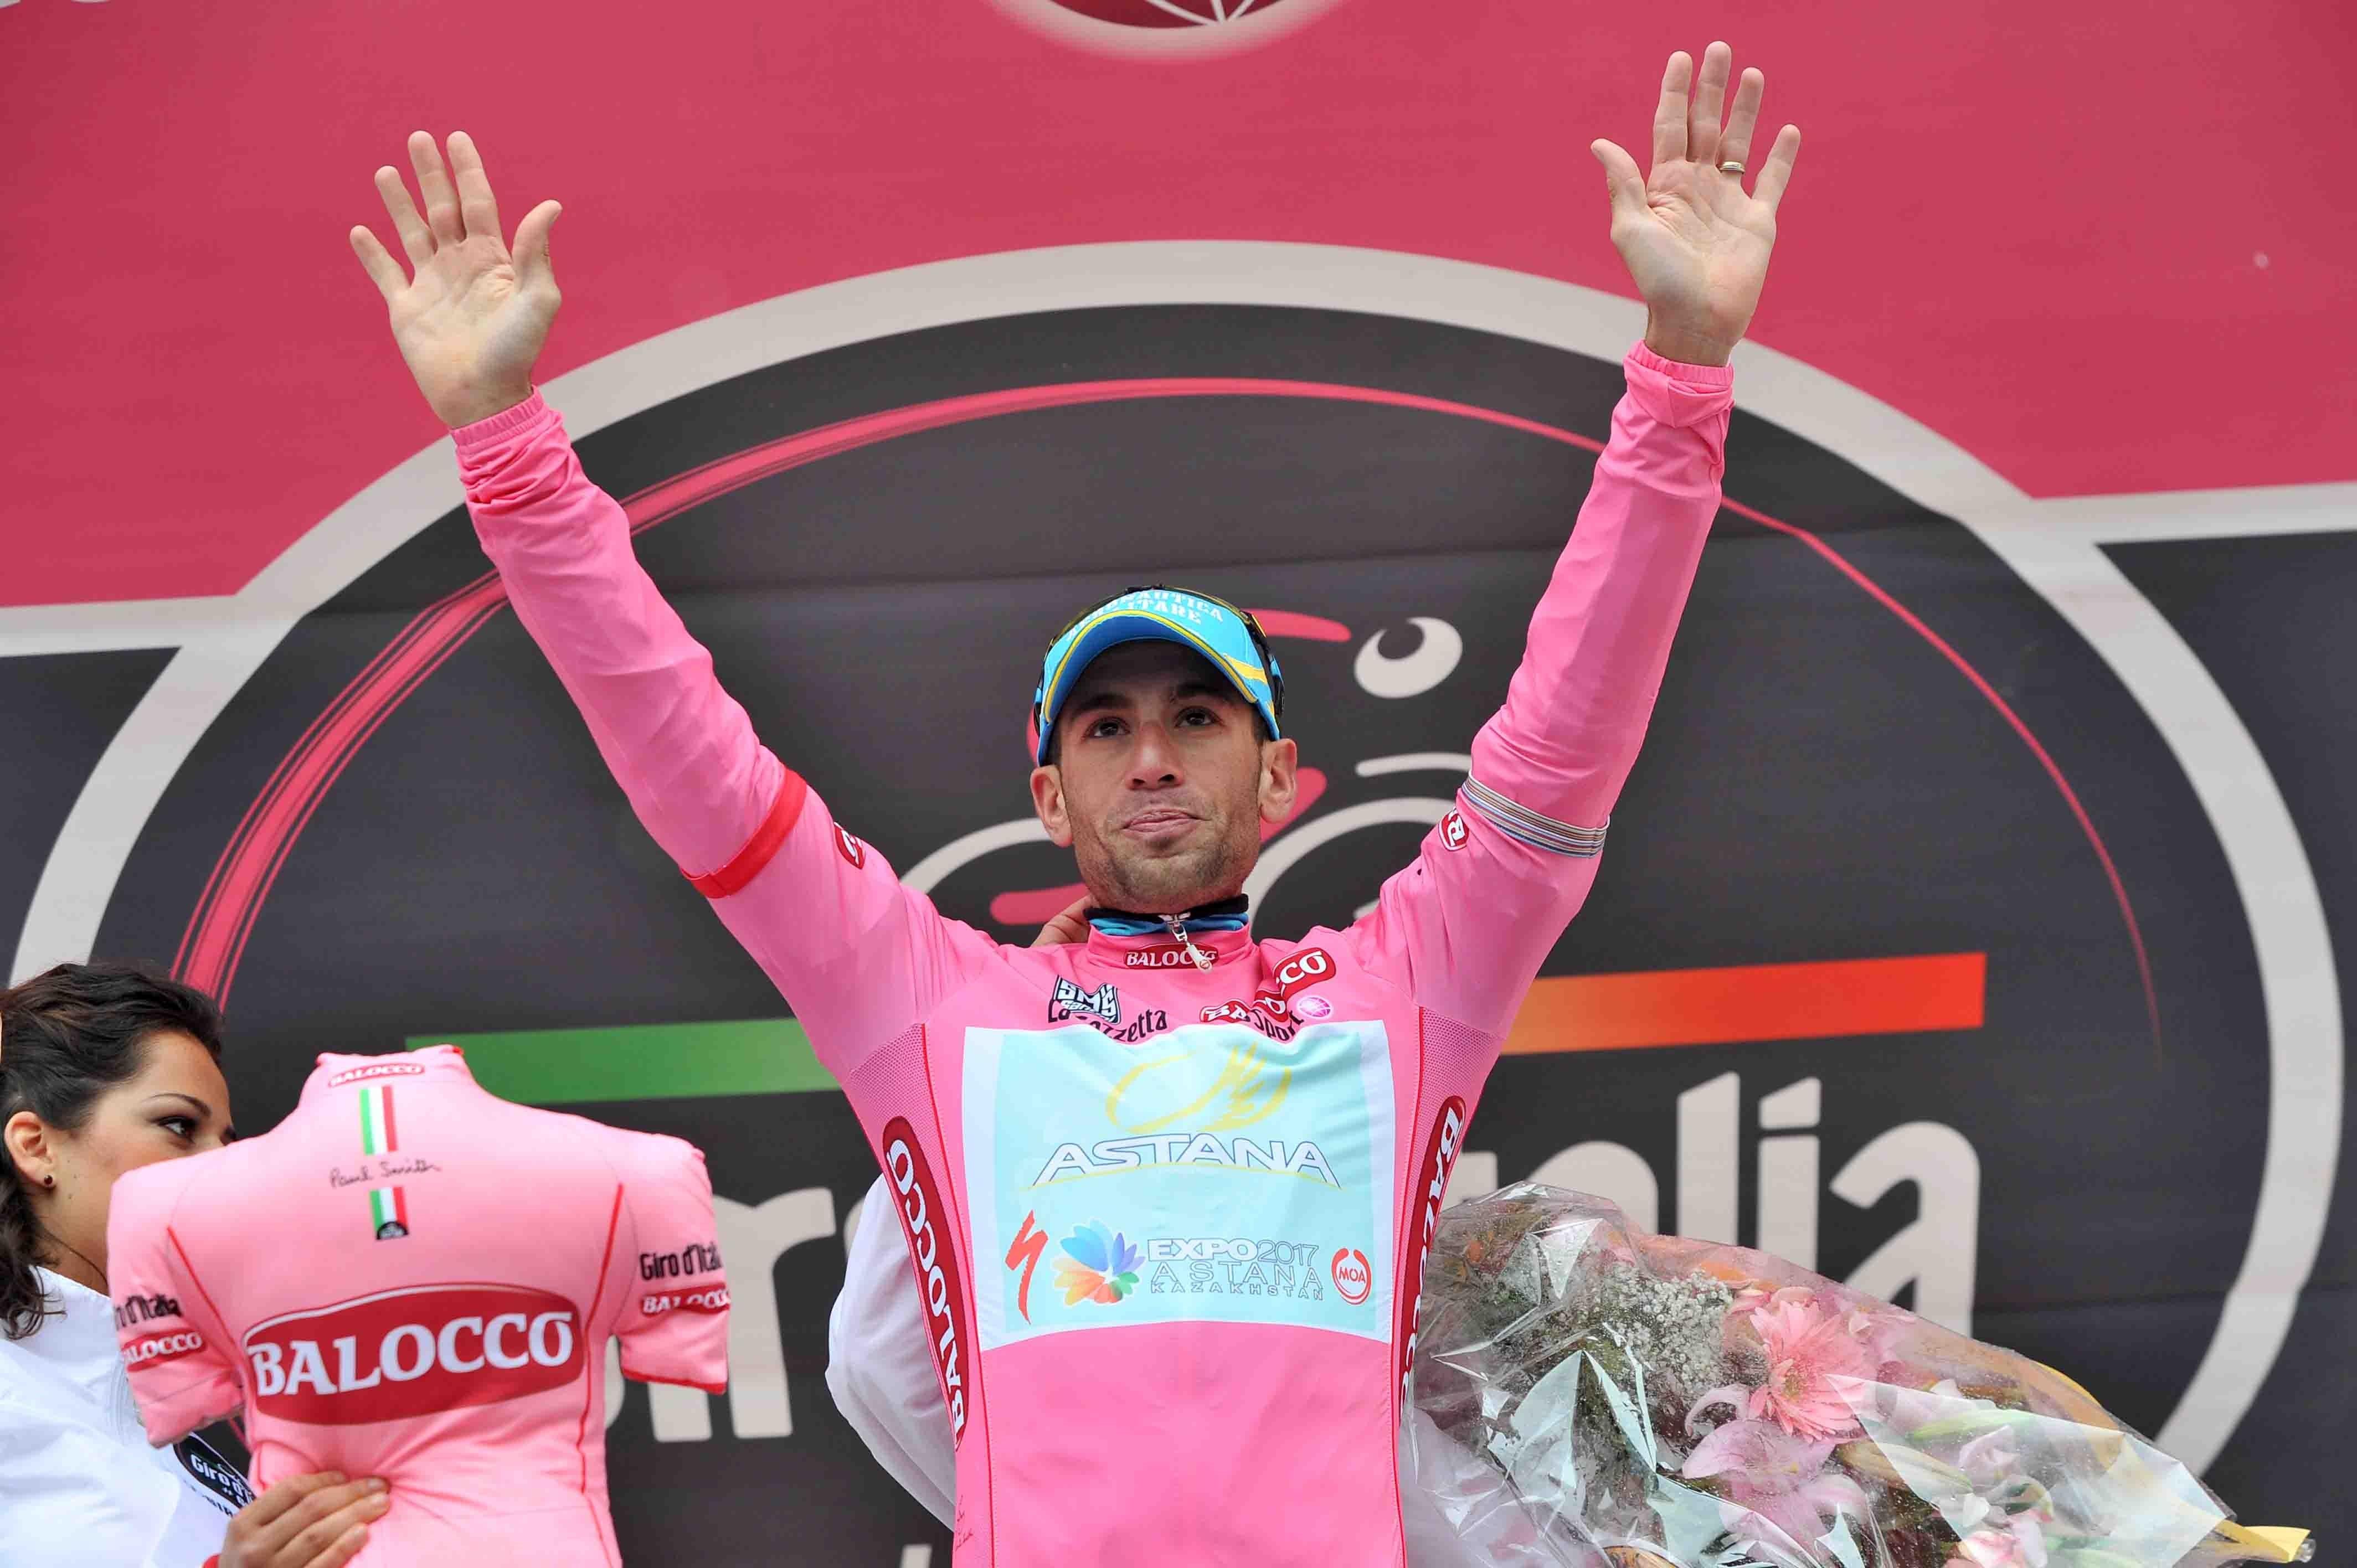 La UCI suspende provisionalmente a Santambrogio por un posible positivo por EPO en el Giro